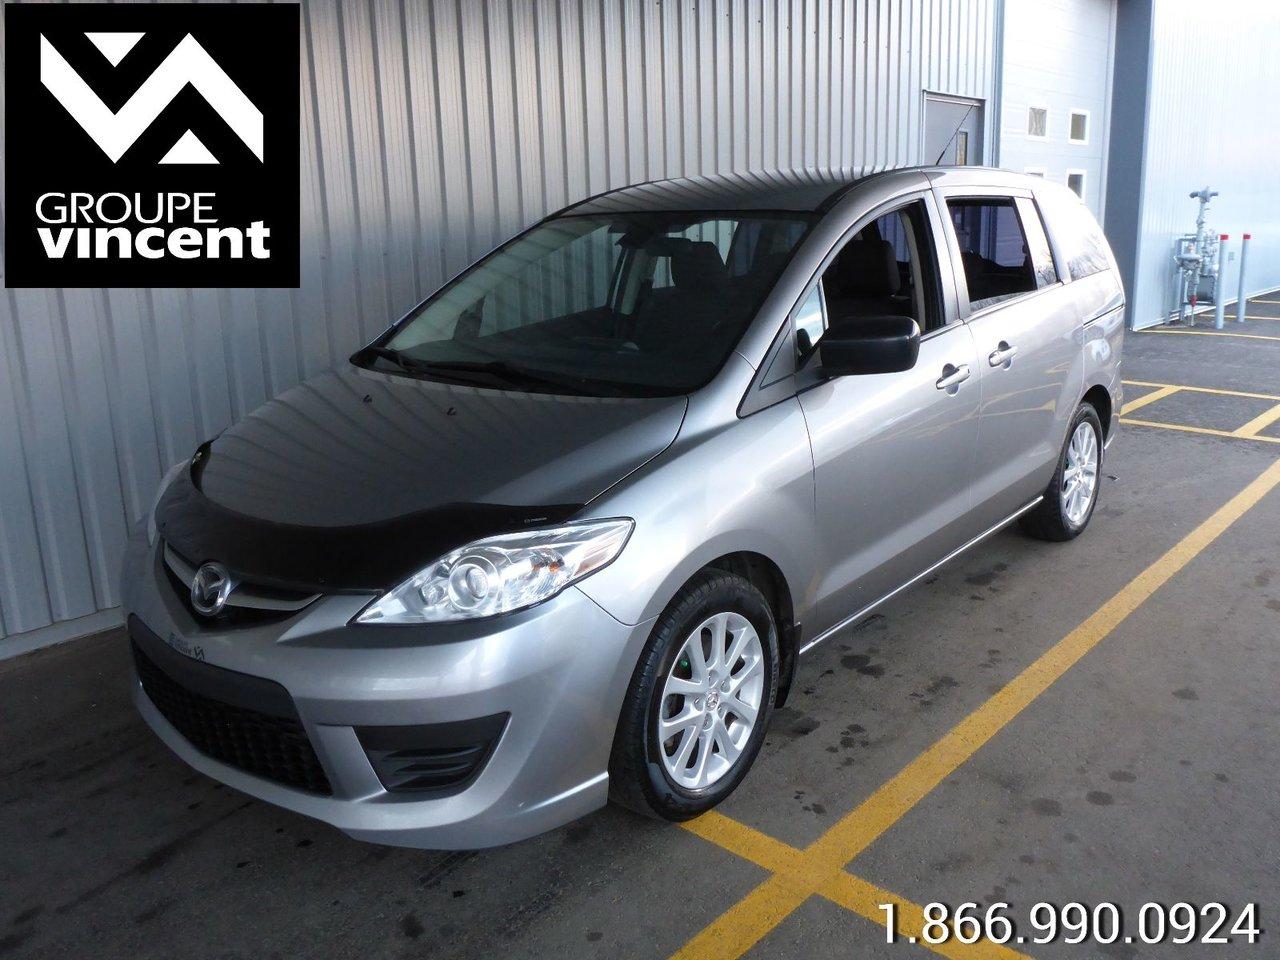 Mazda 5 2010 GS 36$/SEMAINE* mazda5 gs 2010 auto 2.3L